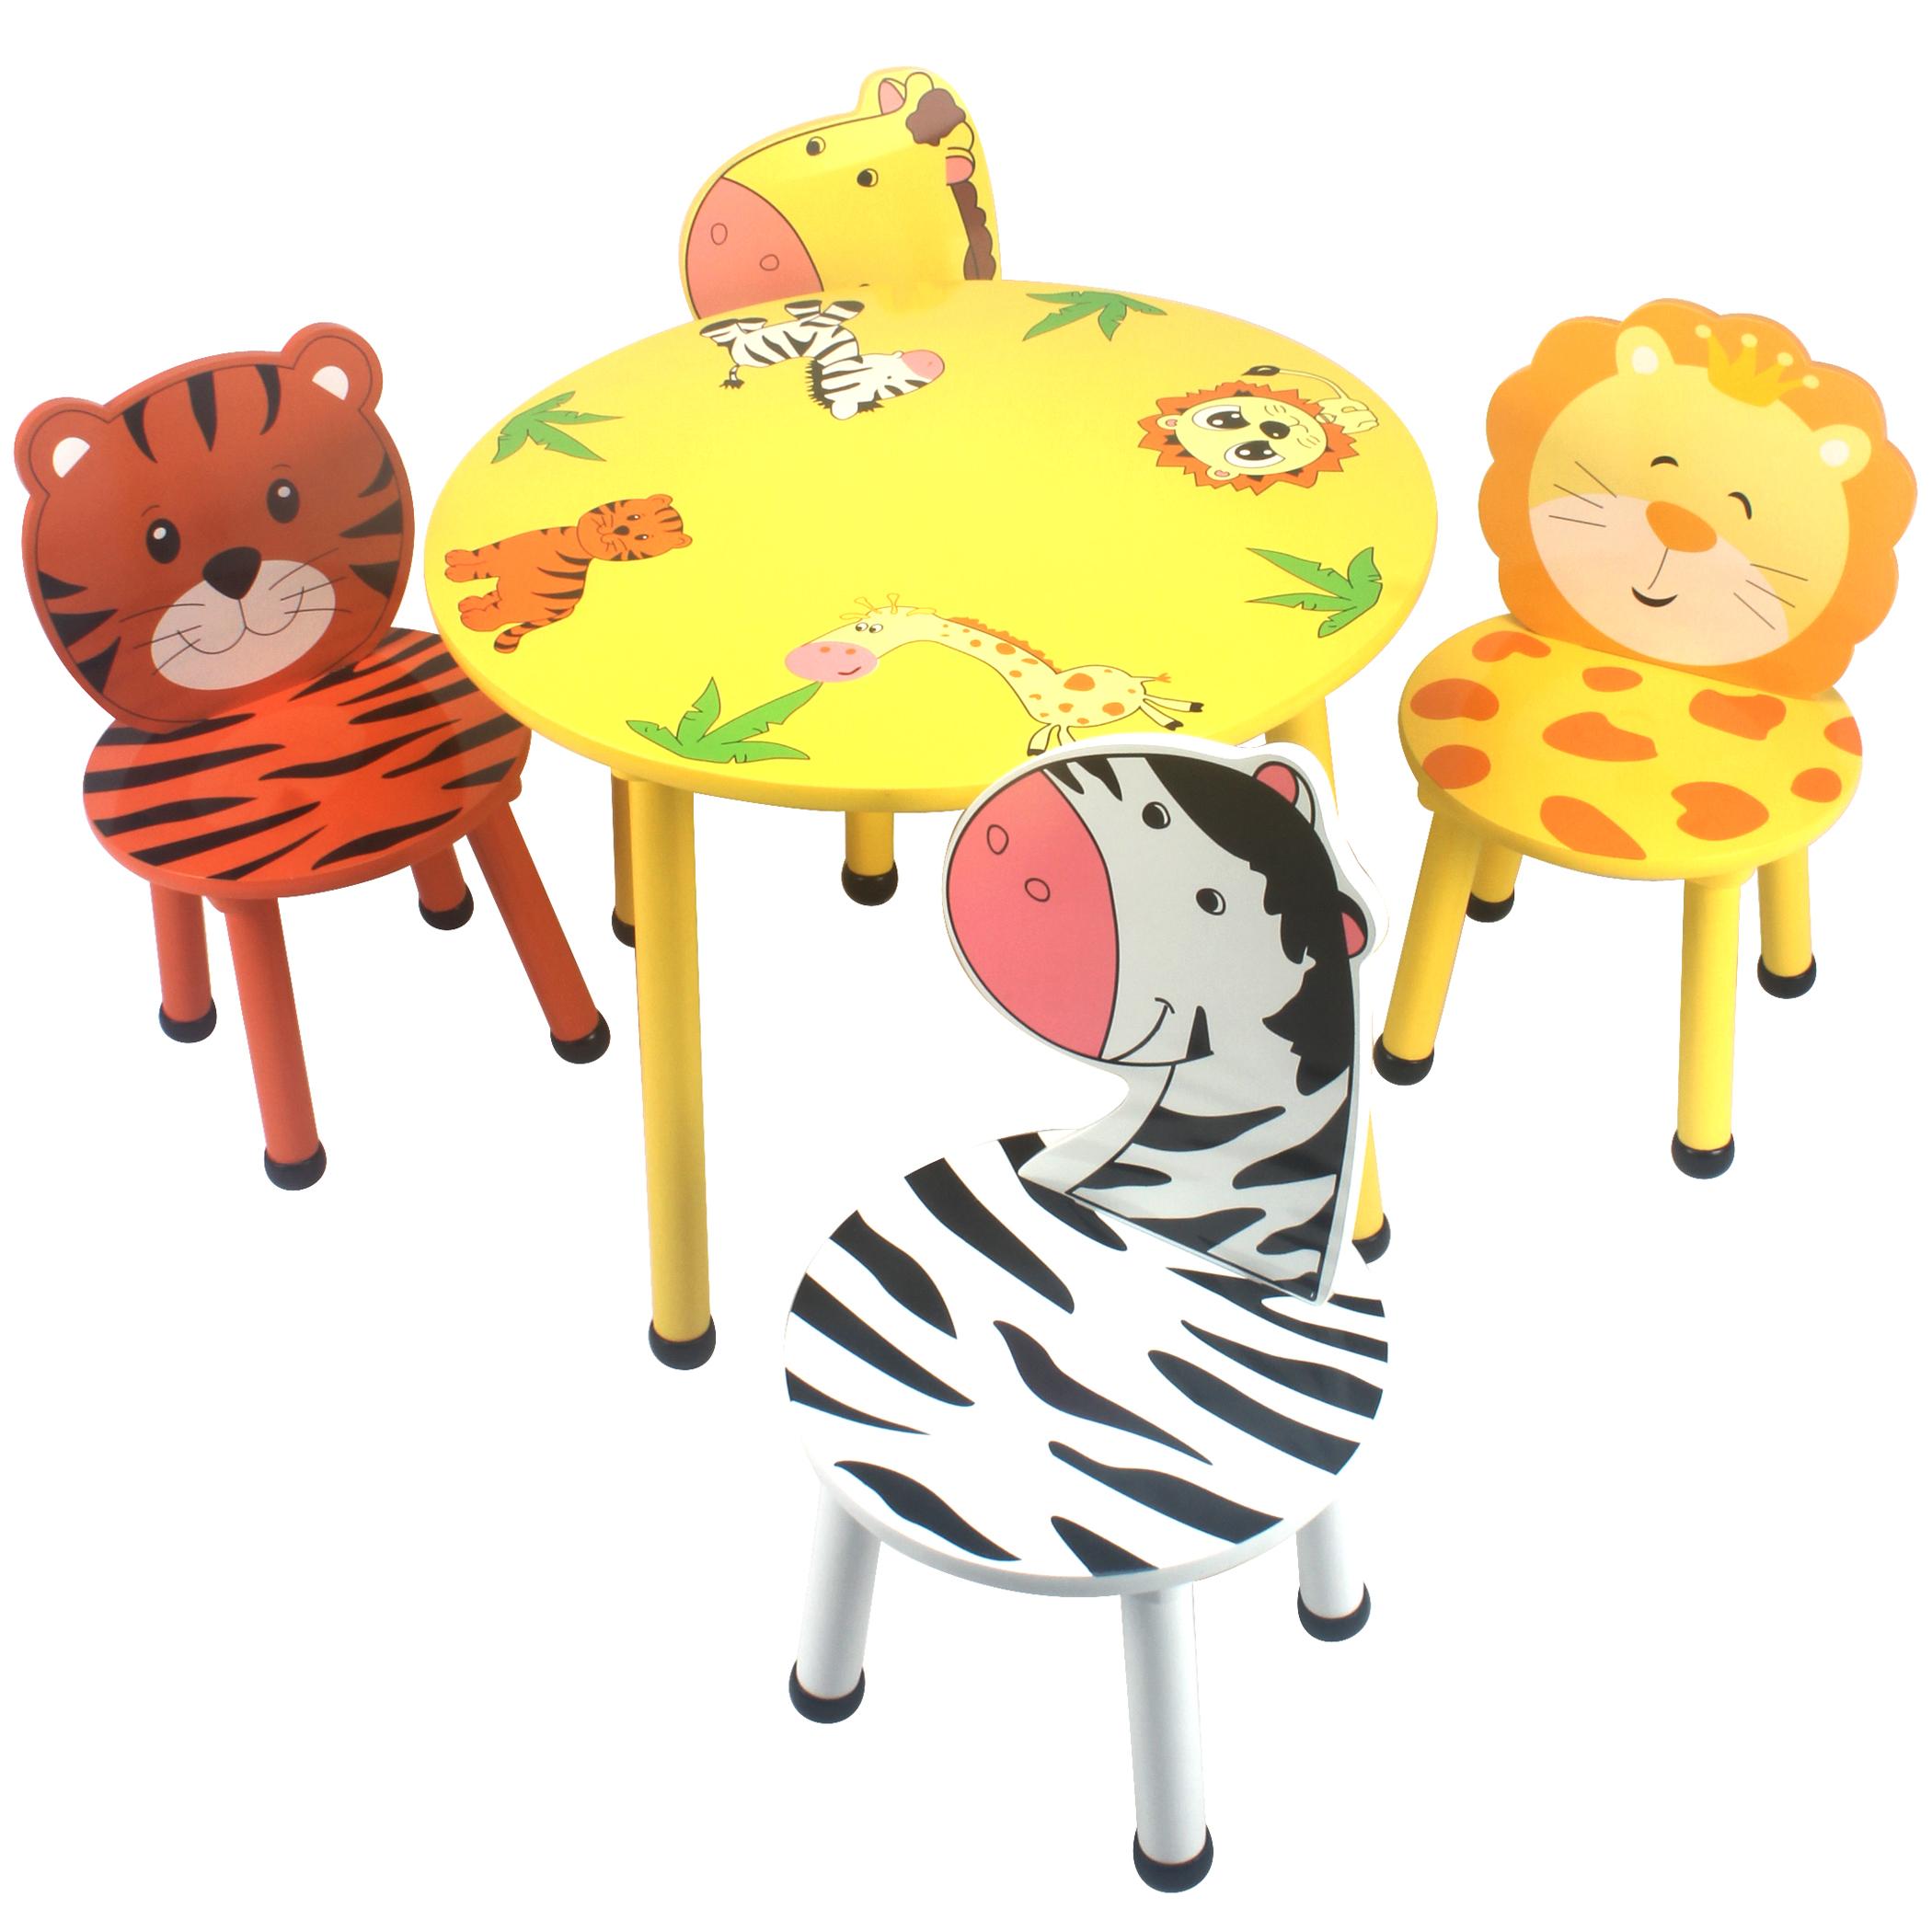 儿童卡通实木桌椅宝宝吃饭桌幼儿学习桌椅画画游戏桌椅可爱桌套装